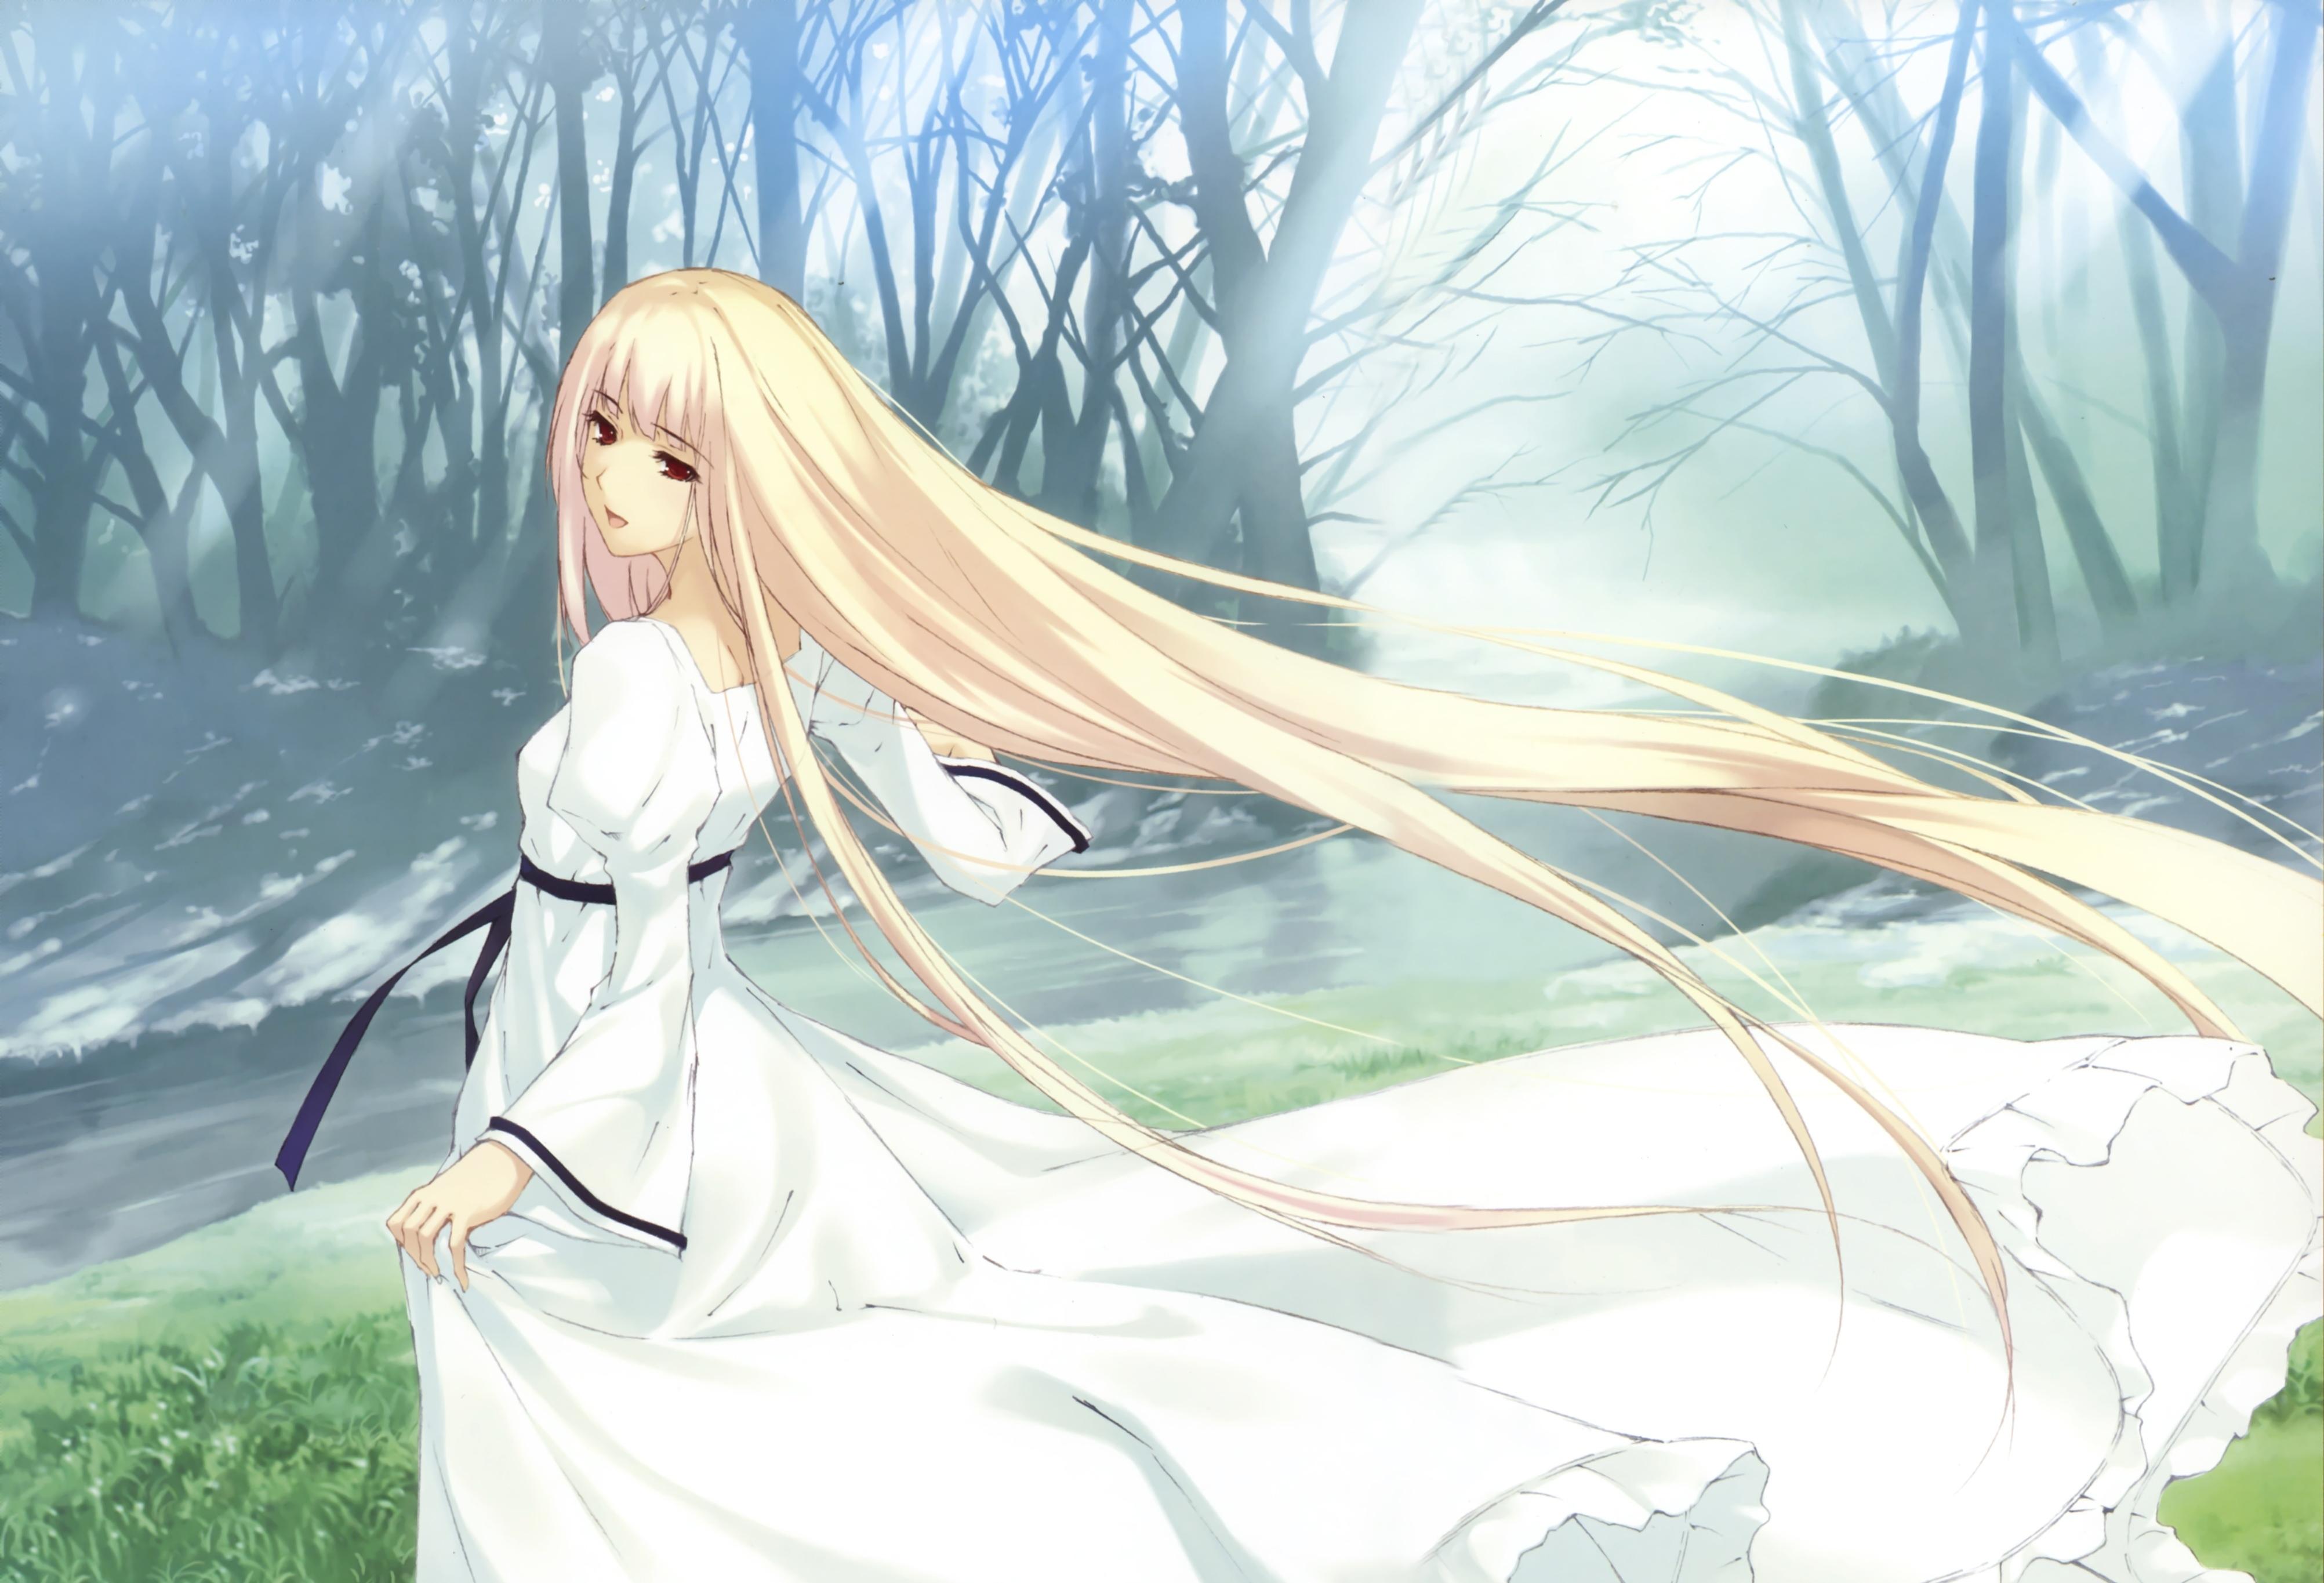 картинки аниме девушки в платьях